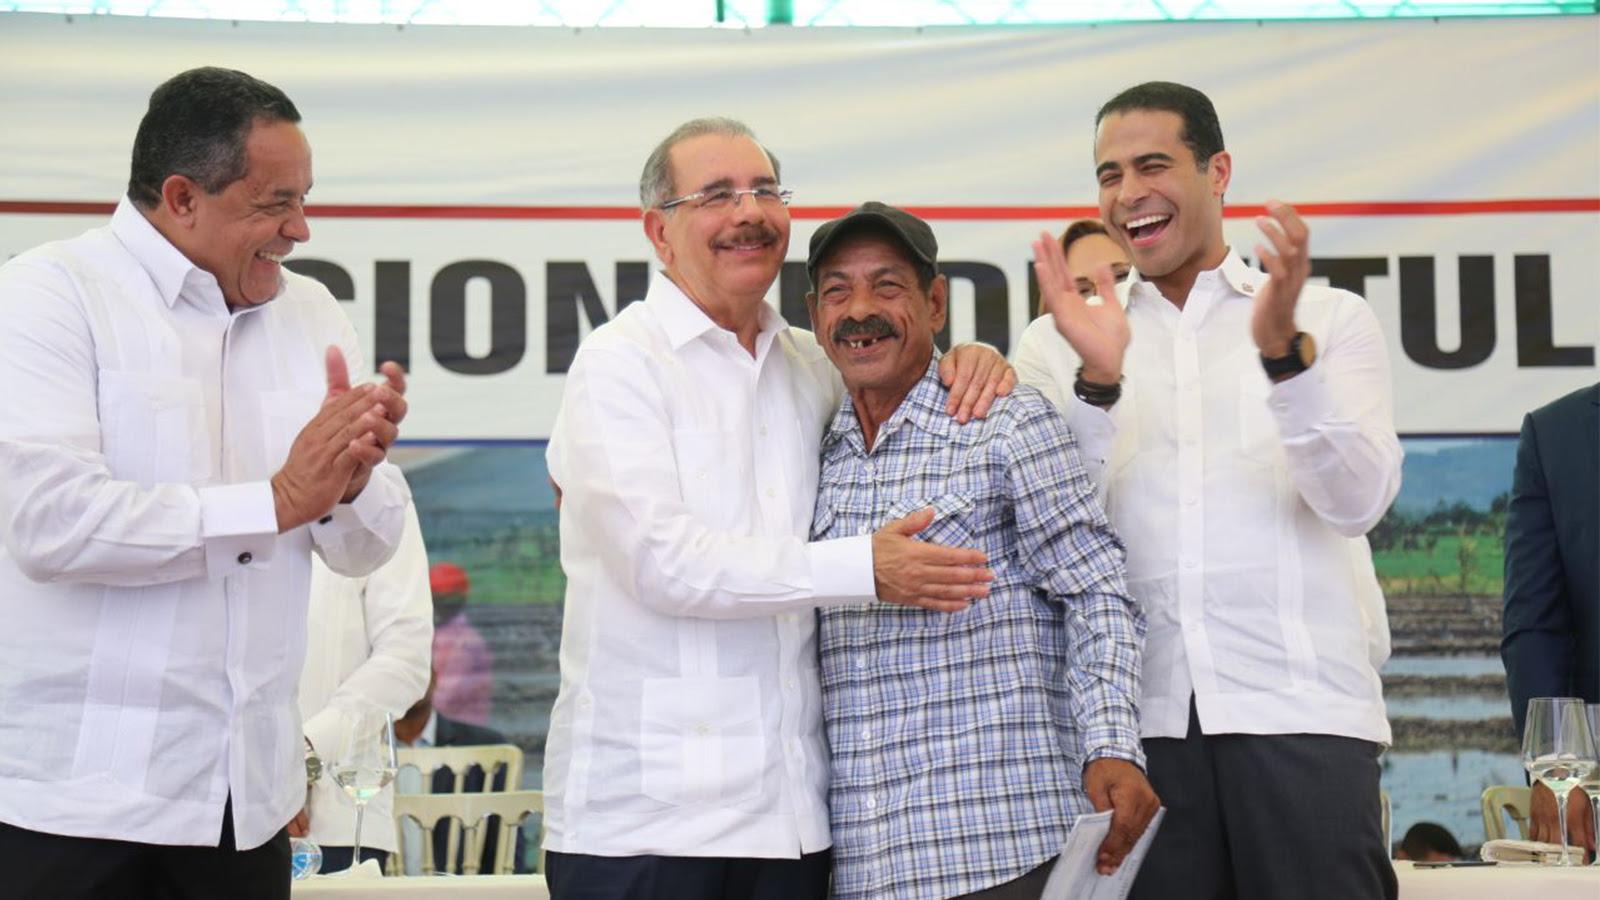 VIDEO: Gobierno salda histórica deuda social con santiagueros: parceleros reciben 1,504 títulos propiedad